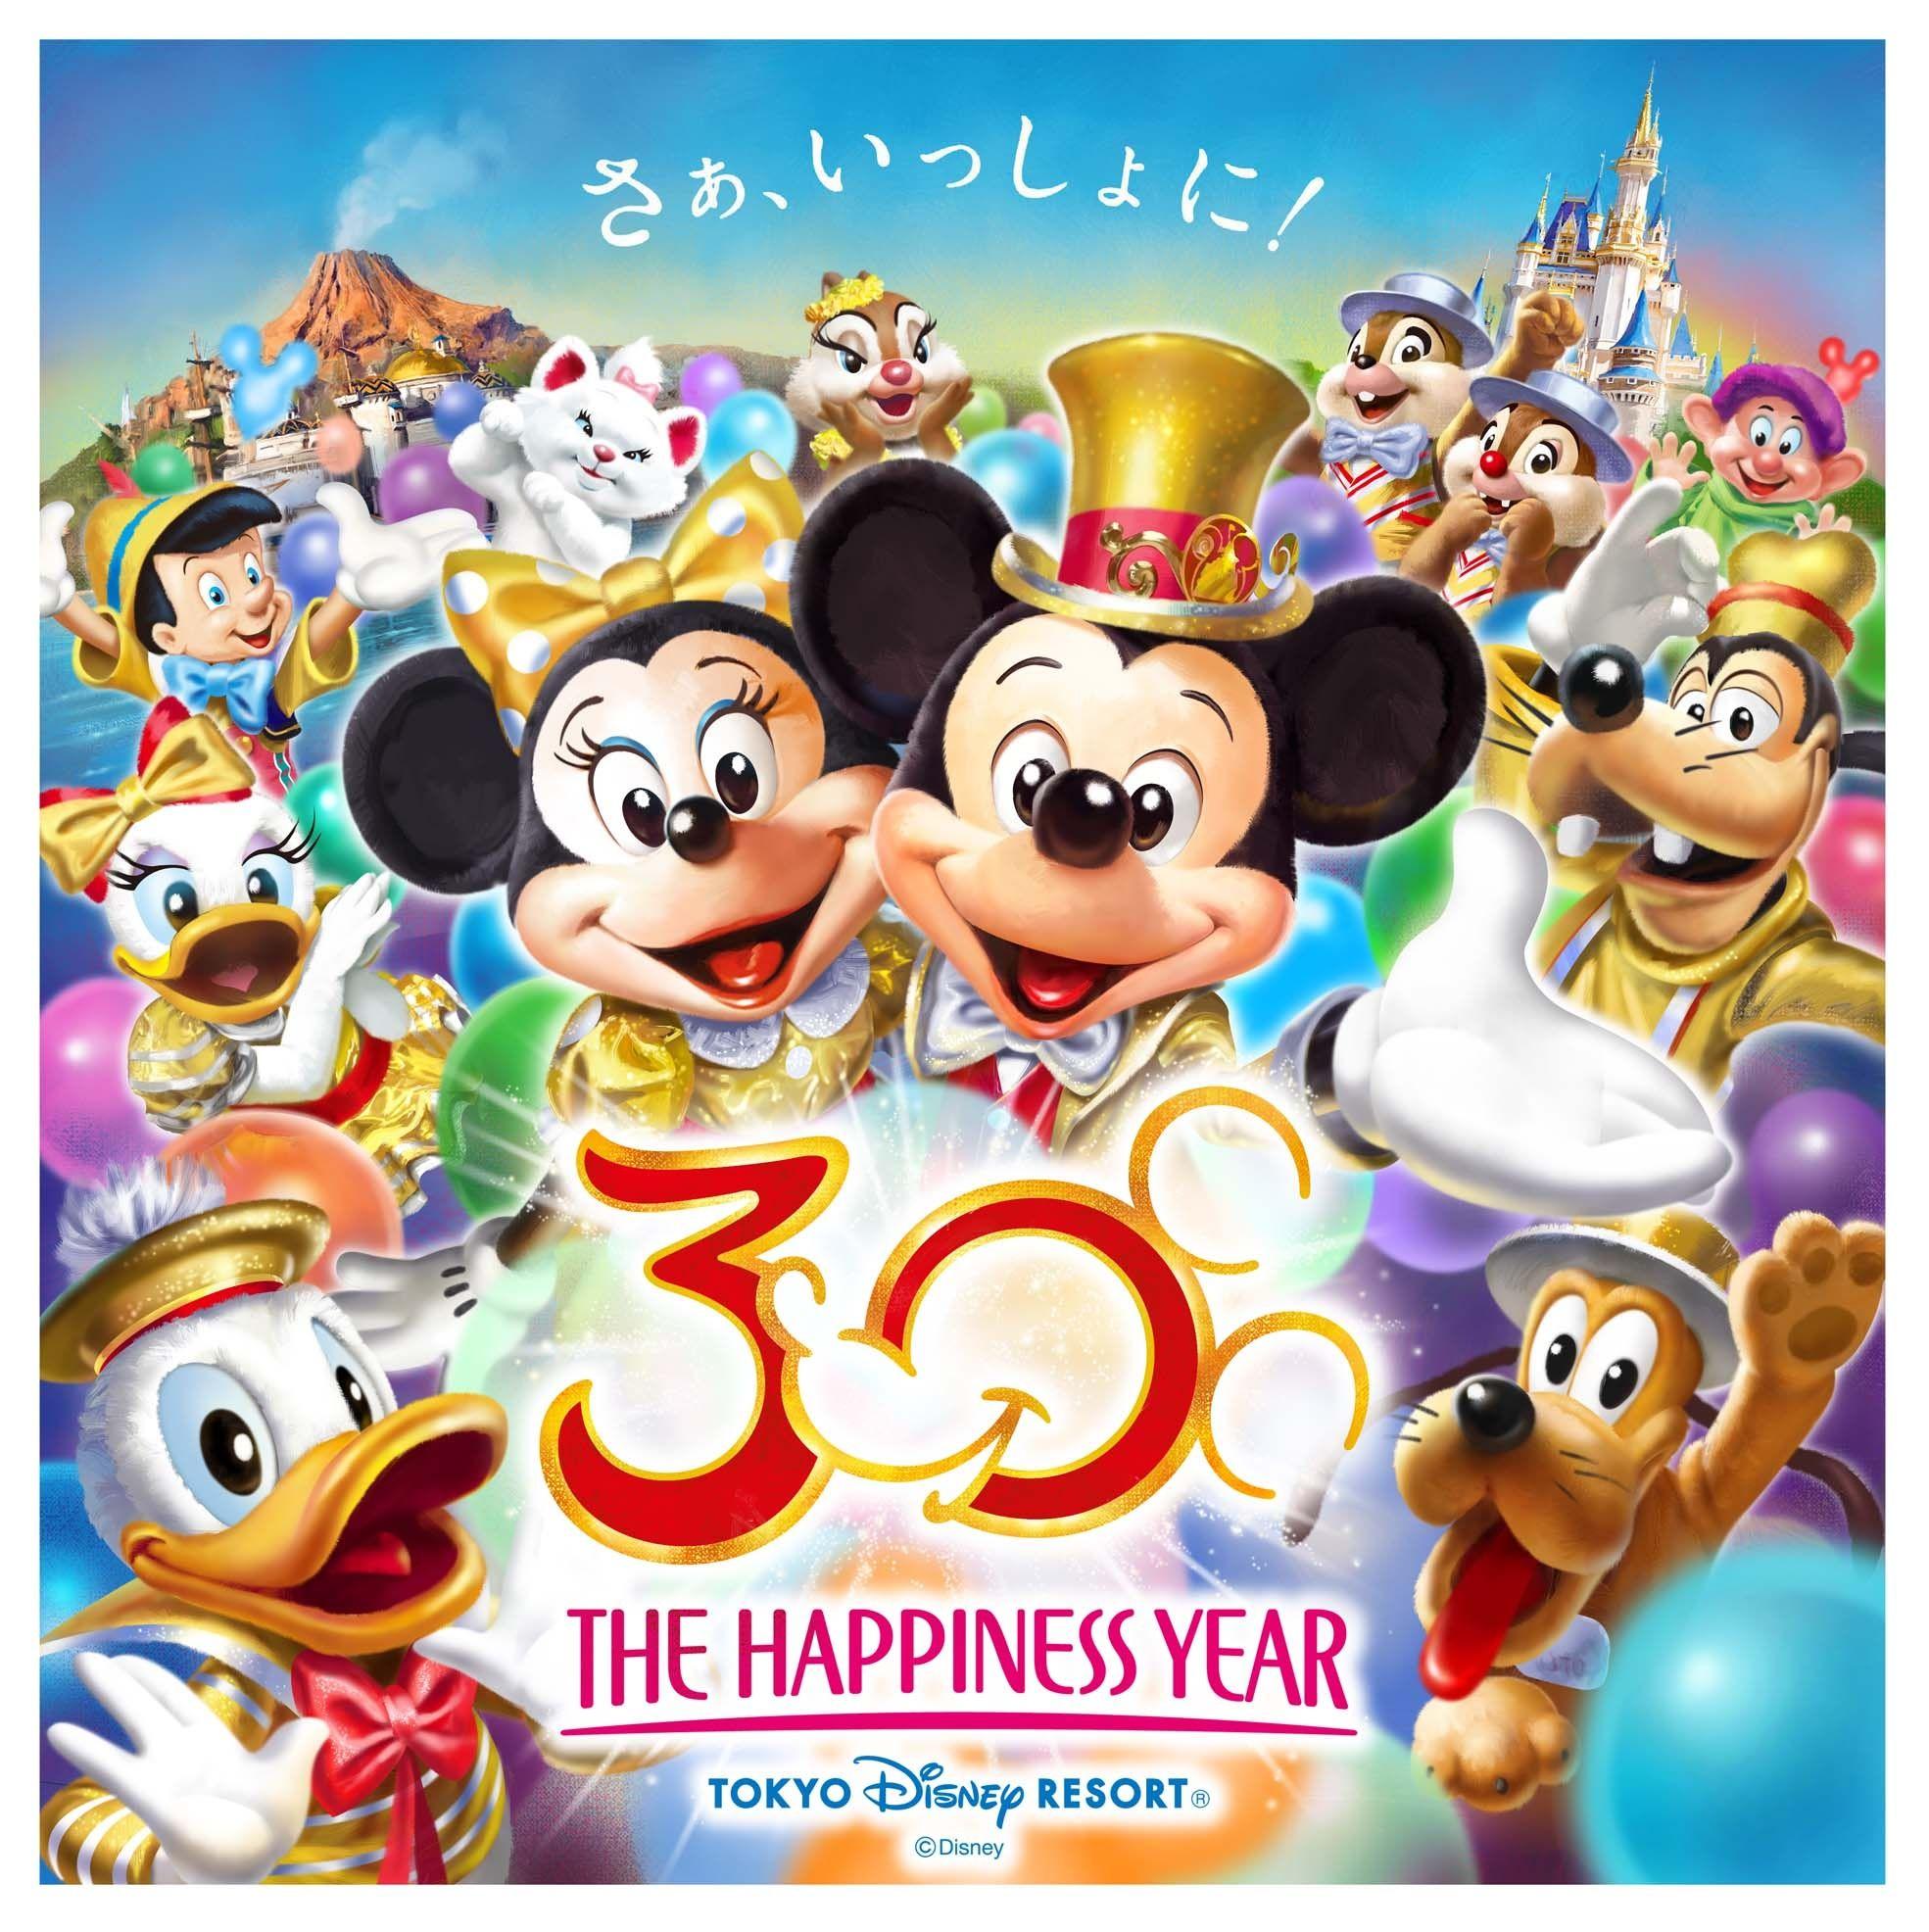 """Joyeux Anniversaire Tōkyō Disneyland 30 Ans Happy 30th Anniversary Tōkyō Disneyland Ɲ±äº¬ãƒ‡ã'£ã'ºãƒ‹ãƒ¼ãƒ©ãƒ³ãƒ‰30周年 ÁŠã'ã§ã¨ã†ã""""ざいます Ͻ Çィズニーリゾート Çィズニーのポスター Ɲ±äº¬ãƒ‡ã'£ã'ºãƒ‹ãƒ¼ãƒªã'¾ãƒ¼ãƒˆ"""